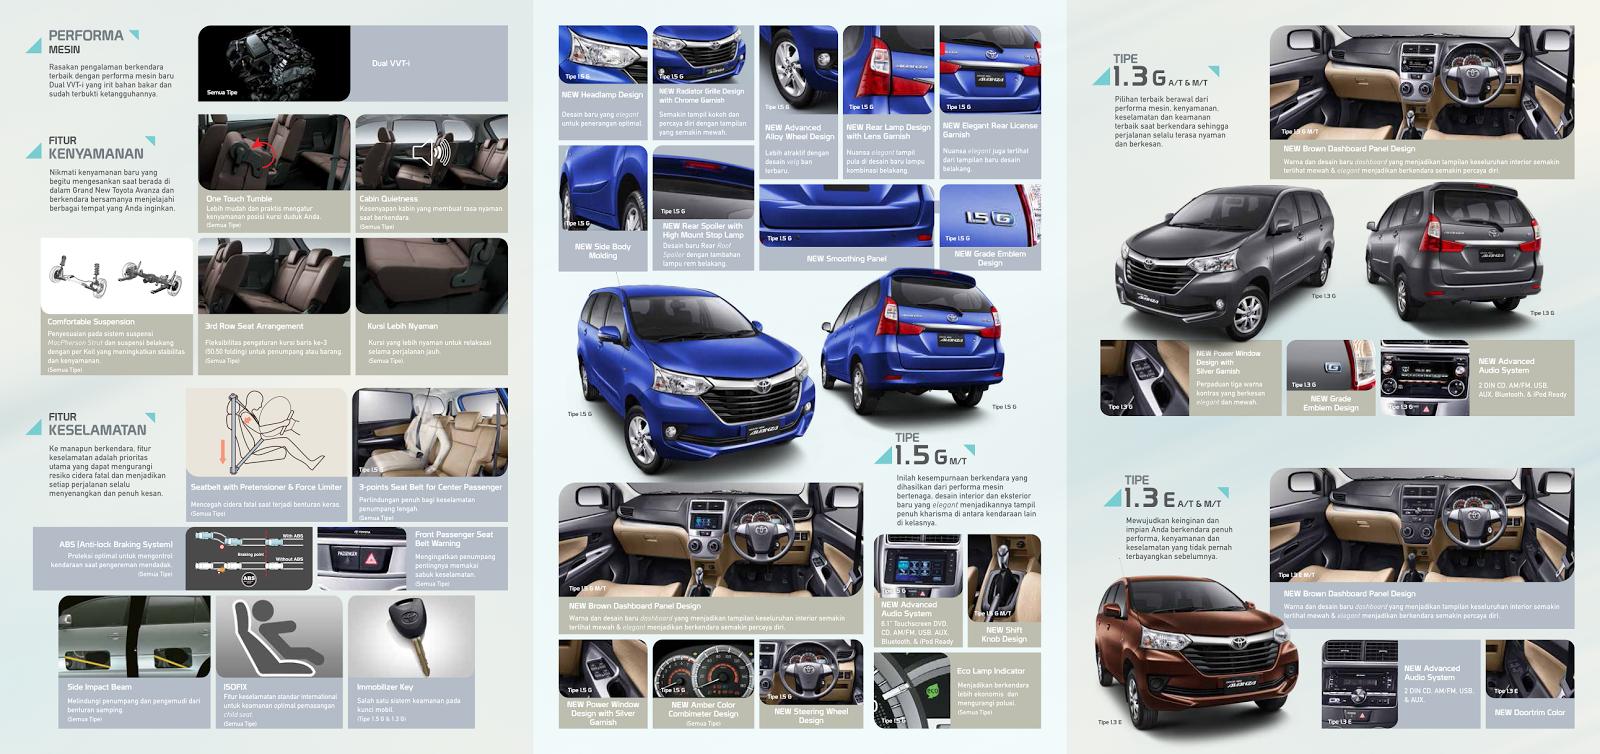 suspensi grand new avanza body kit veloz brosur toyota 2015 astra indonesia dalam ini juga di jelaskan mengenai perbedaan antara tipe e dan g secara lengkap mulai dari interior eksterior spesifikasi maupun